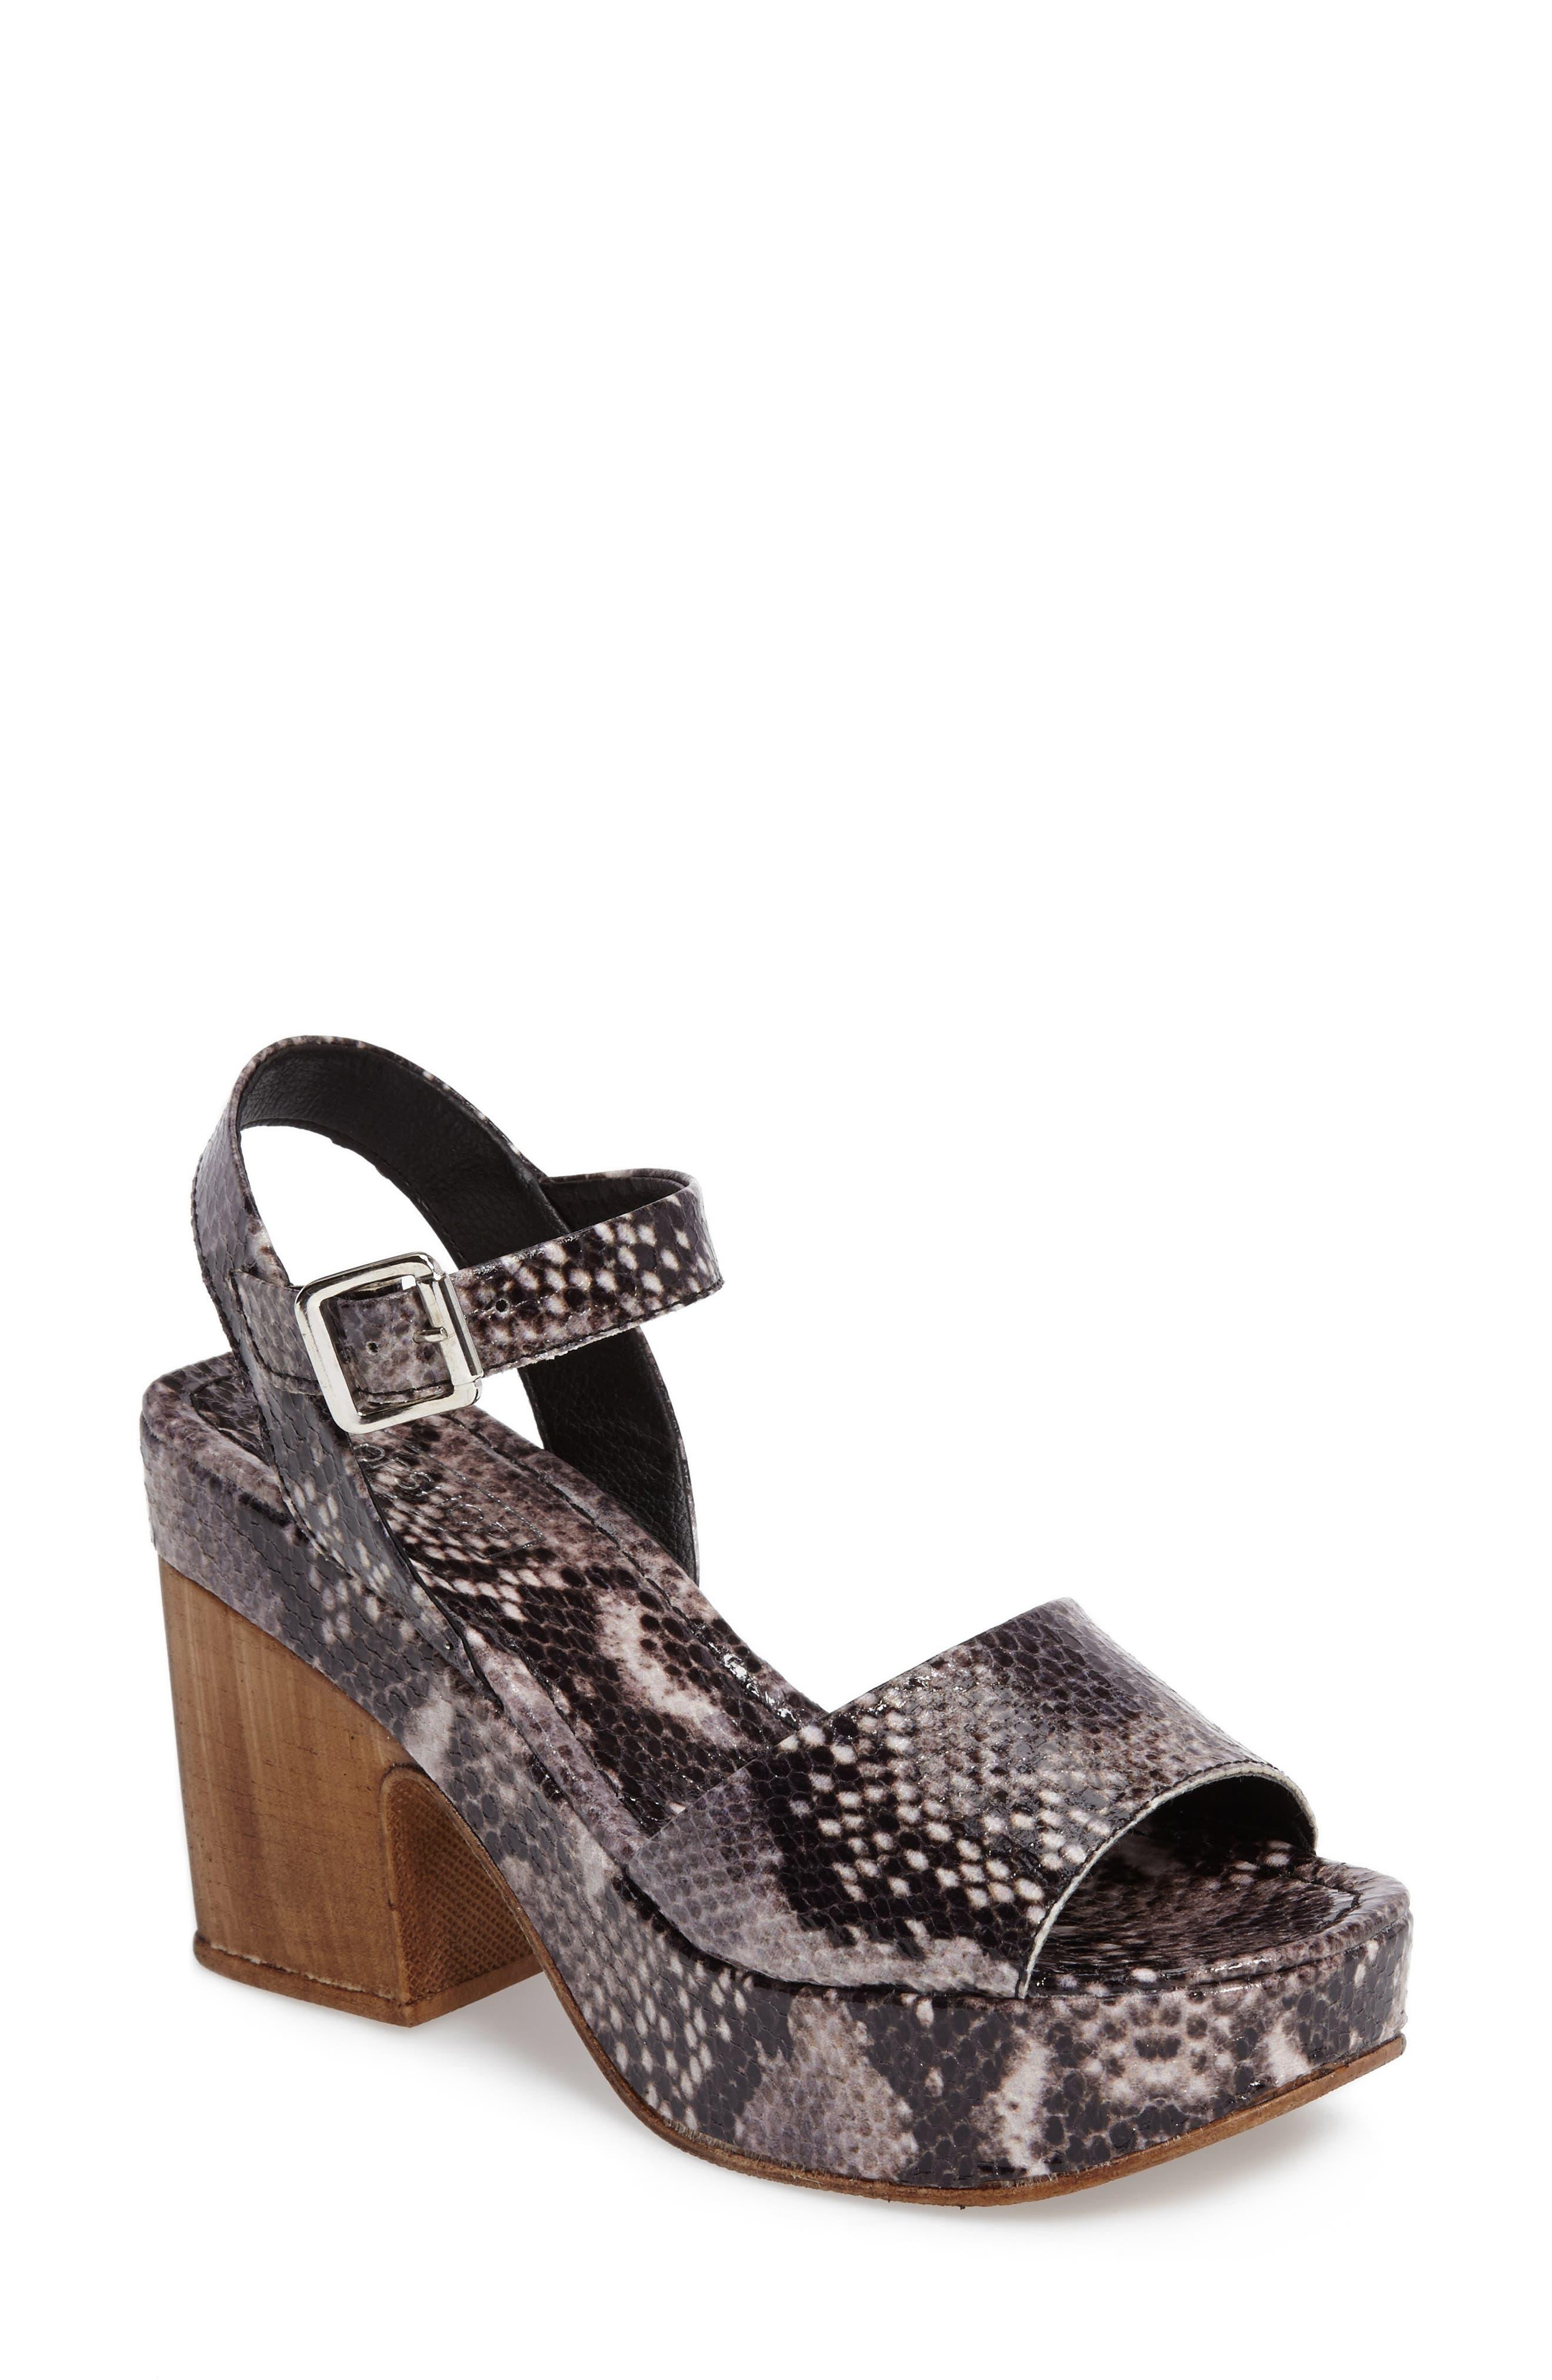 Violets Platform Sandals,                         Main,                         color, Grey Multi